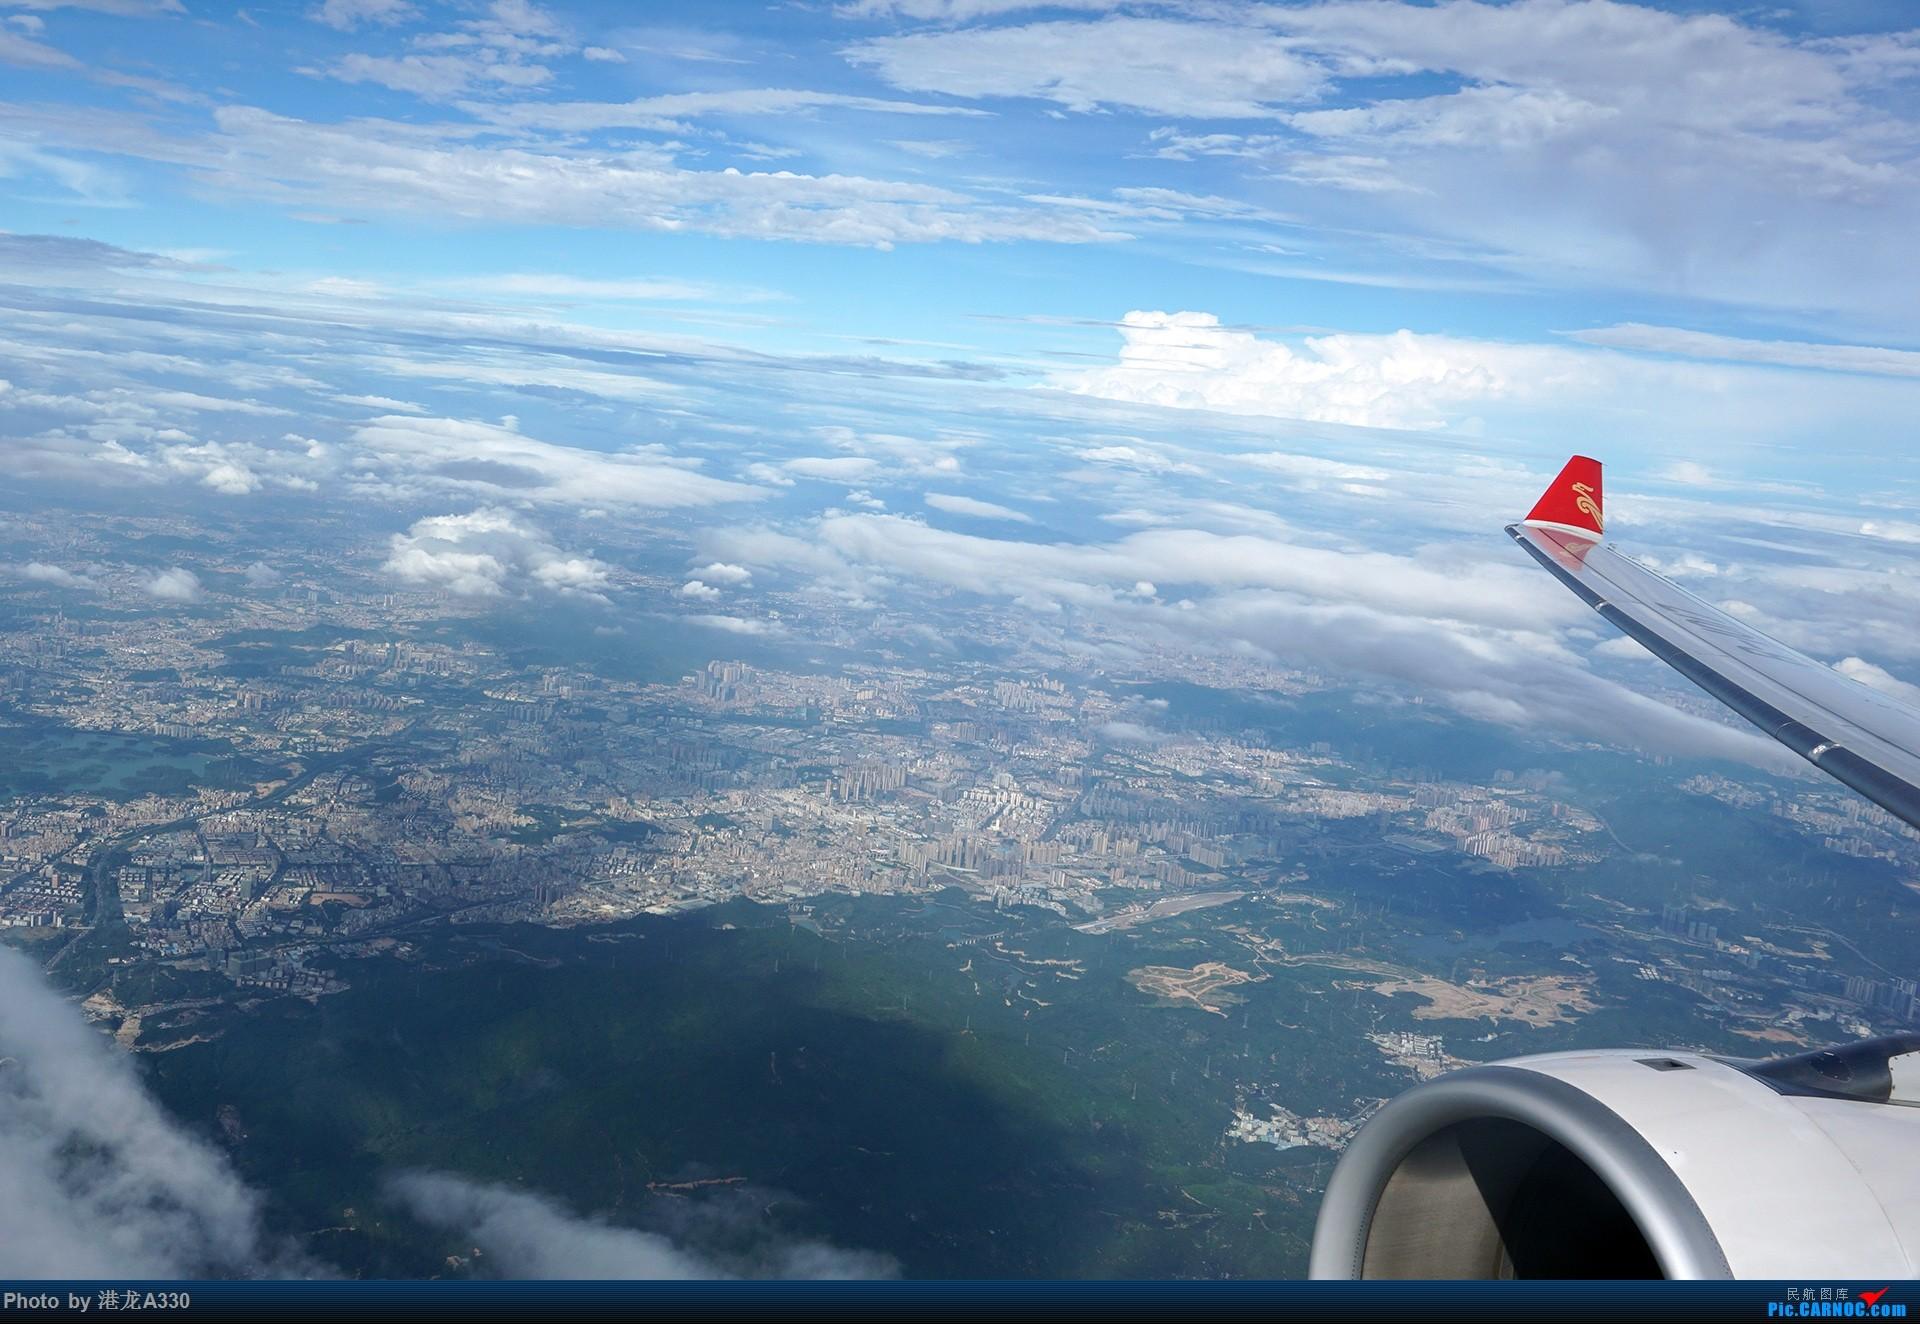 [原创]真没留坑,这回真更完了!Kunpeng's voyage:深圳航空A333高级经济舱京深线小记